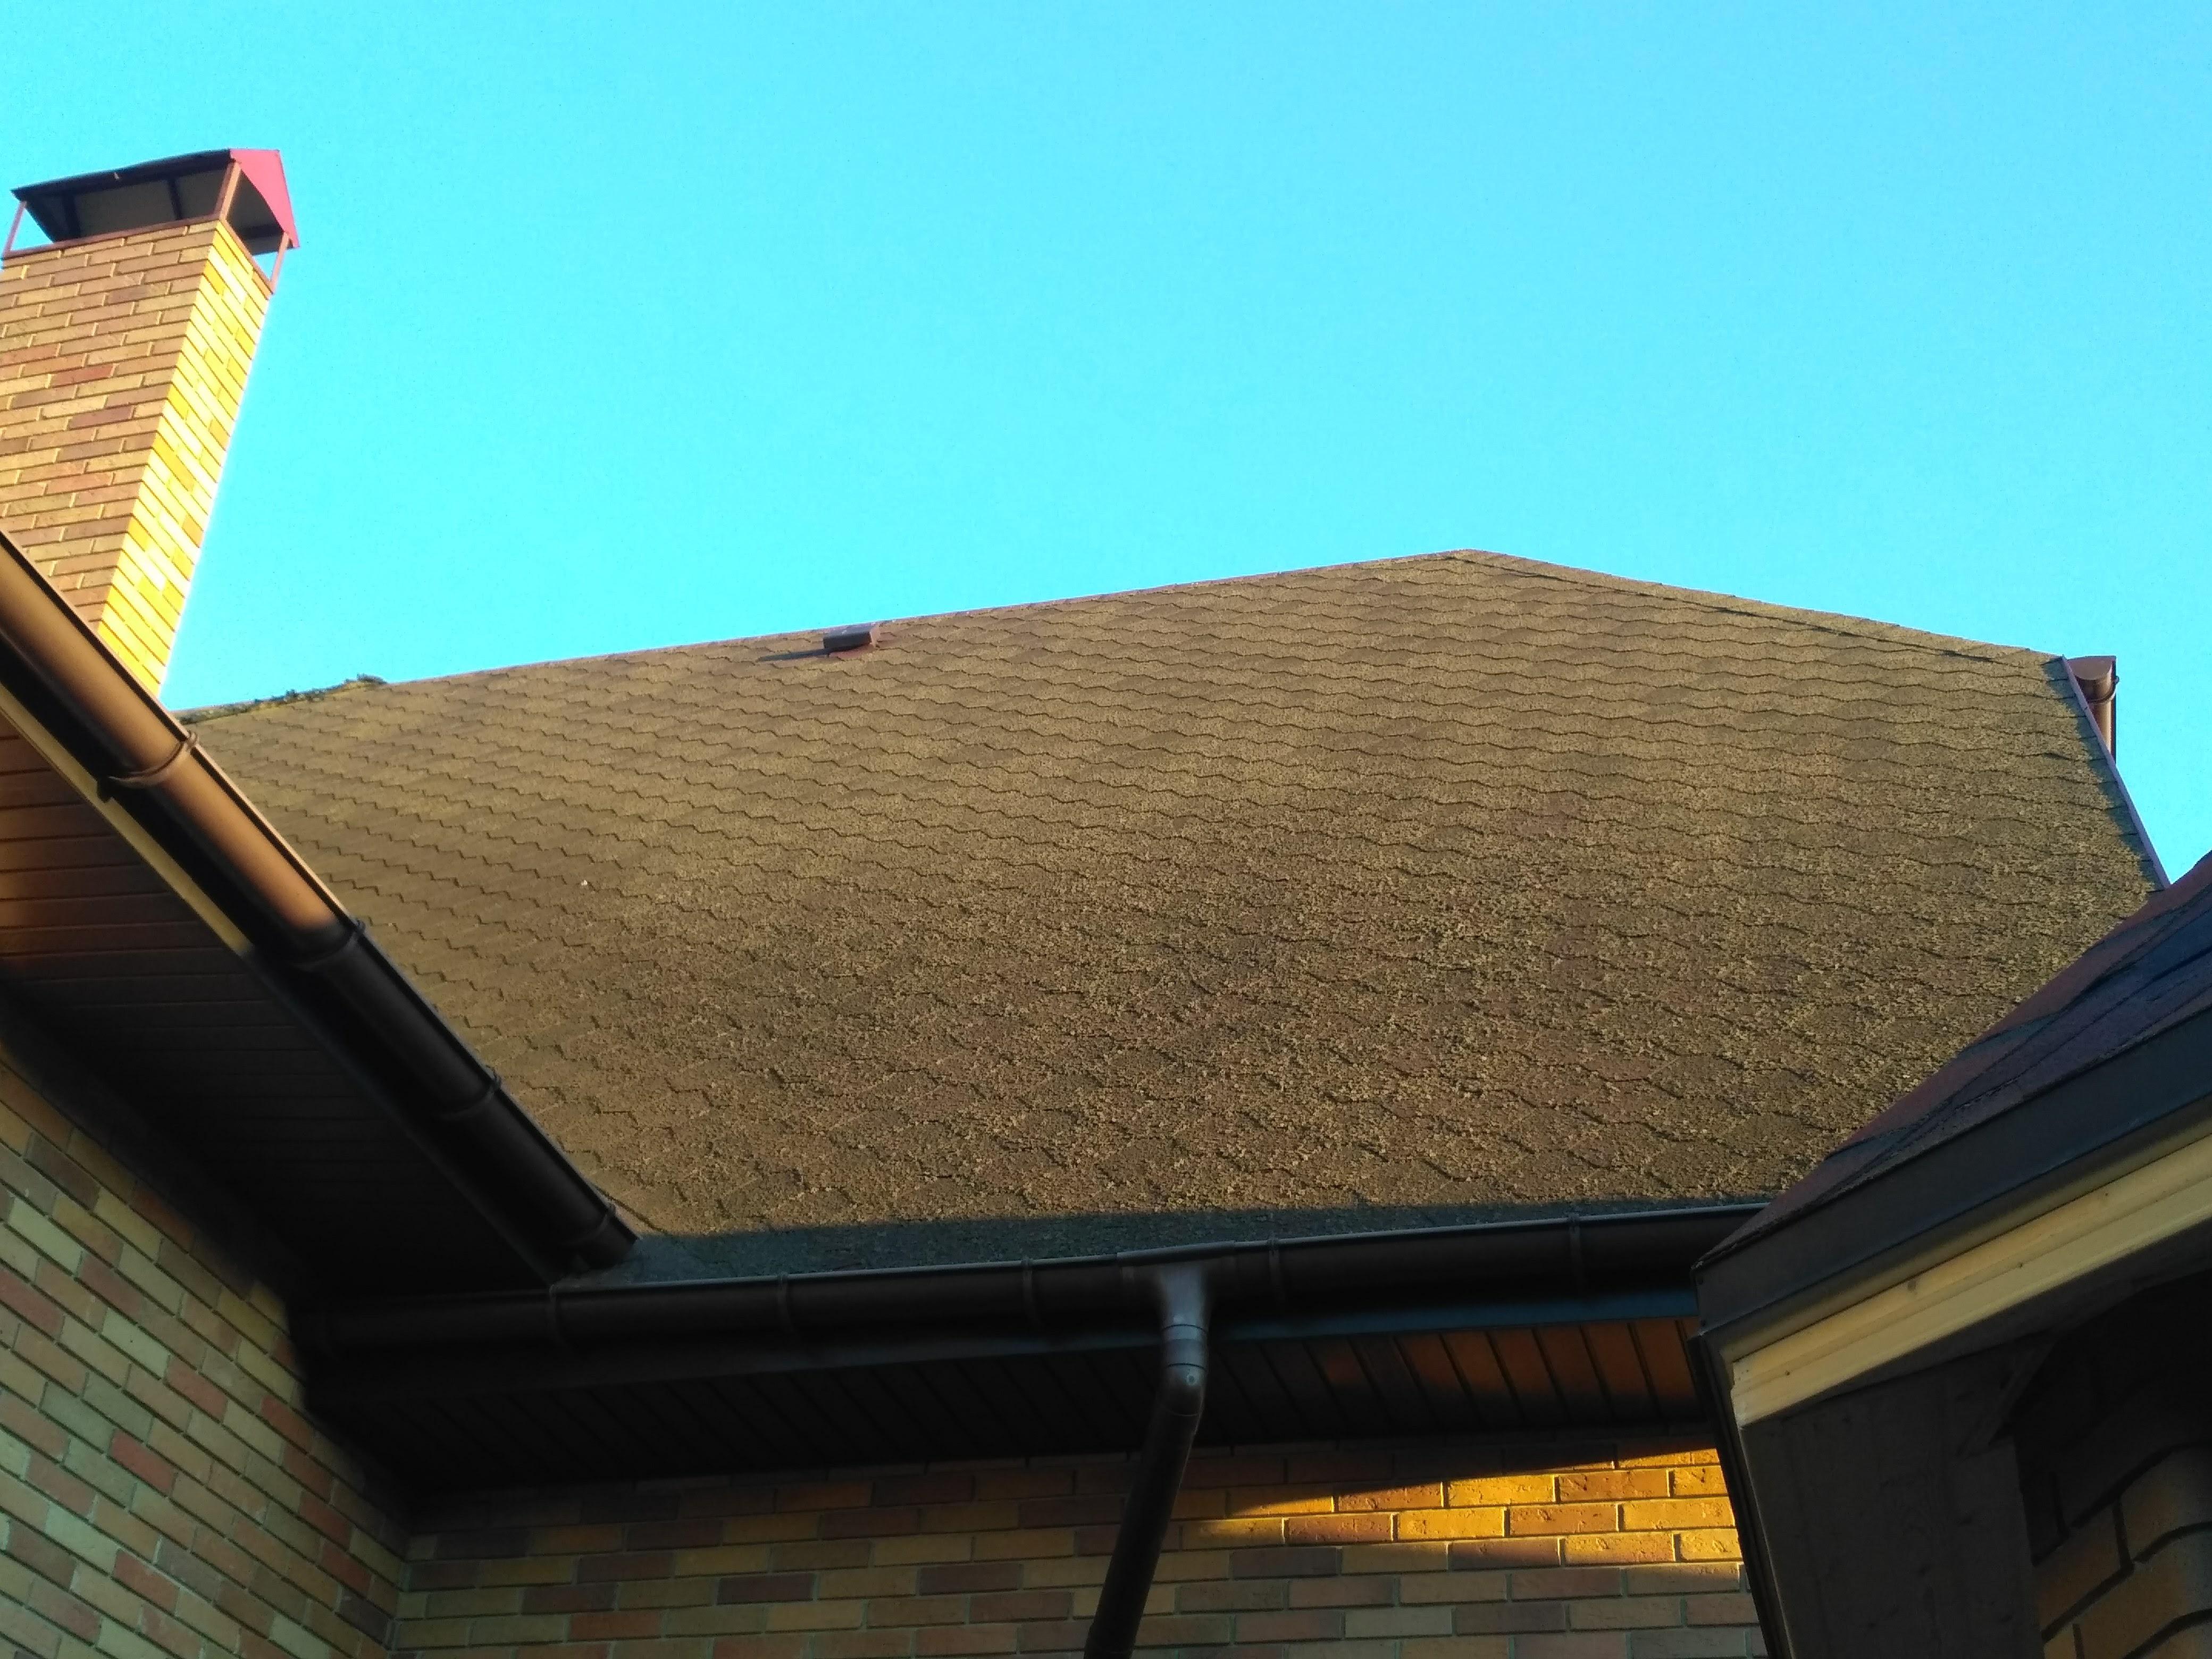 Чистка крыши от мха альпинистами